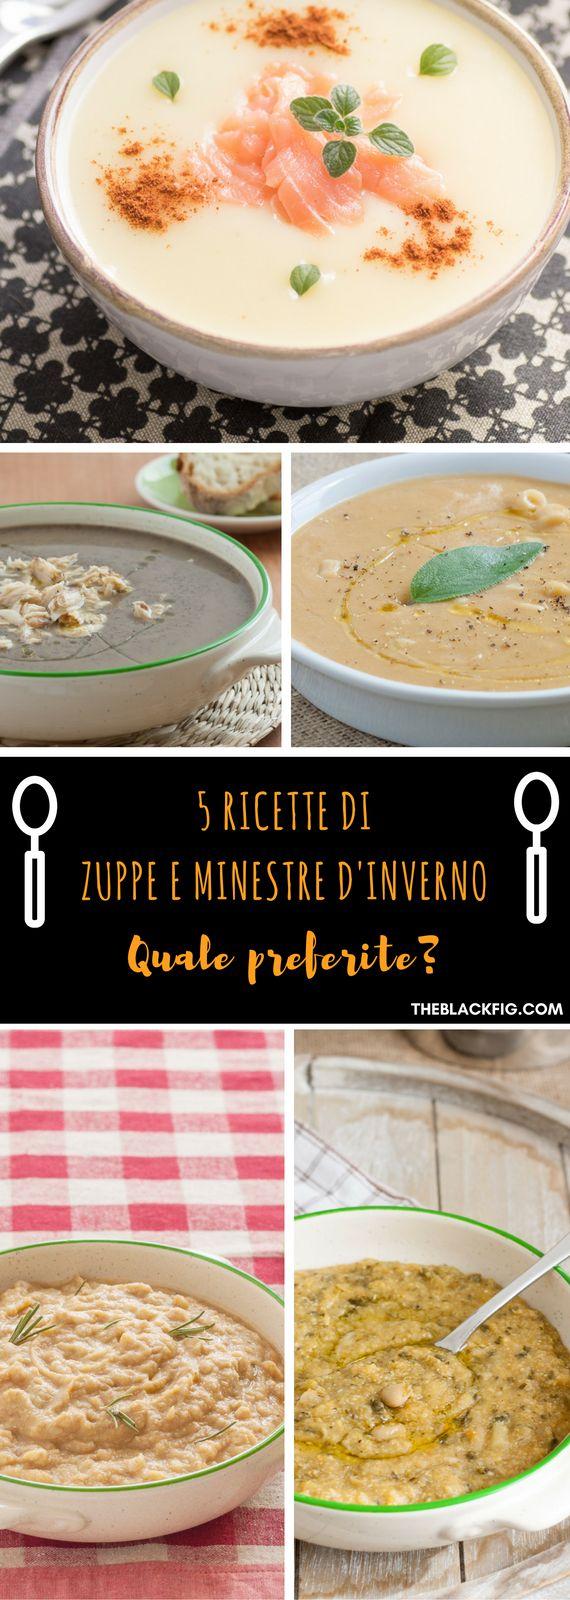 Legumi, cereali, pasta, patate ed erbe aromatiche. Solo alcuni degli ingredienti che trovate oggi su theblackfig.com. #cucina #ricette